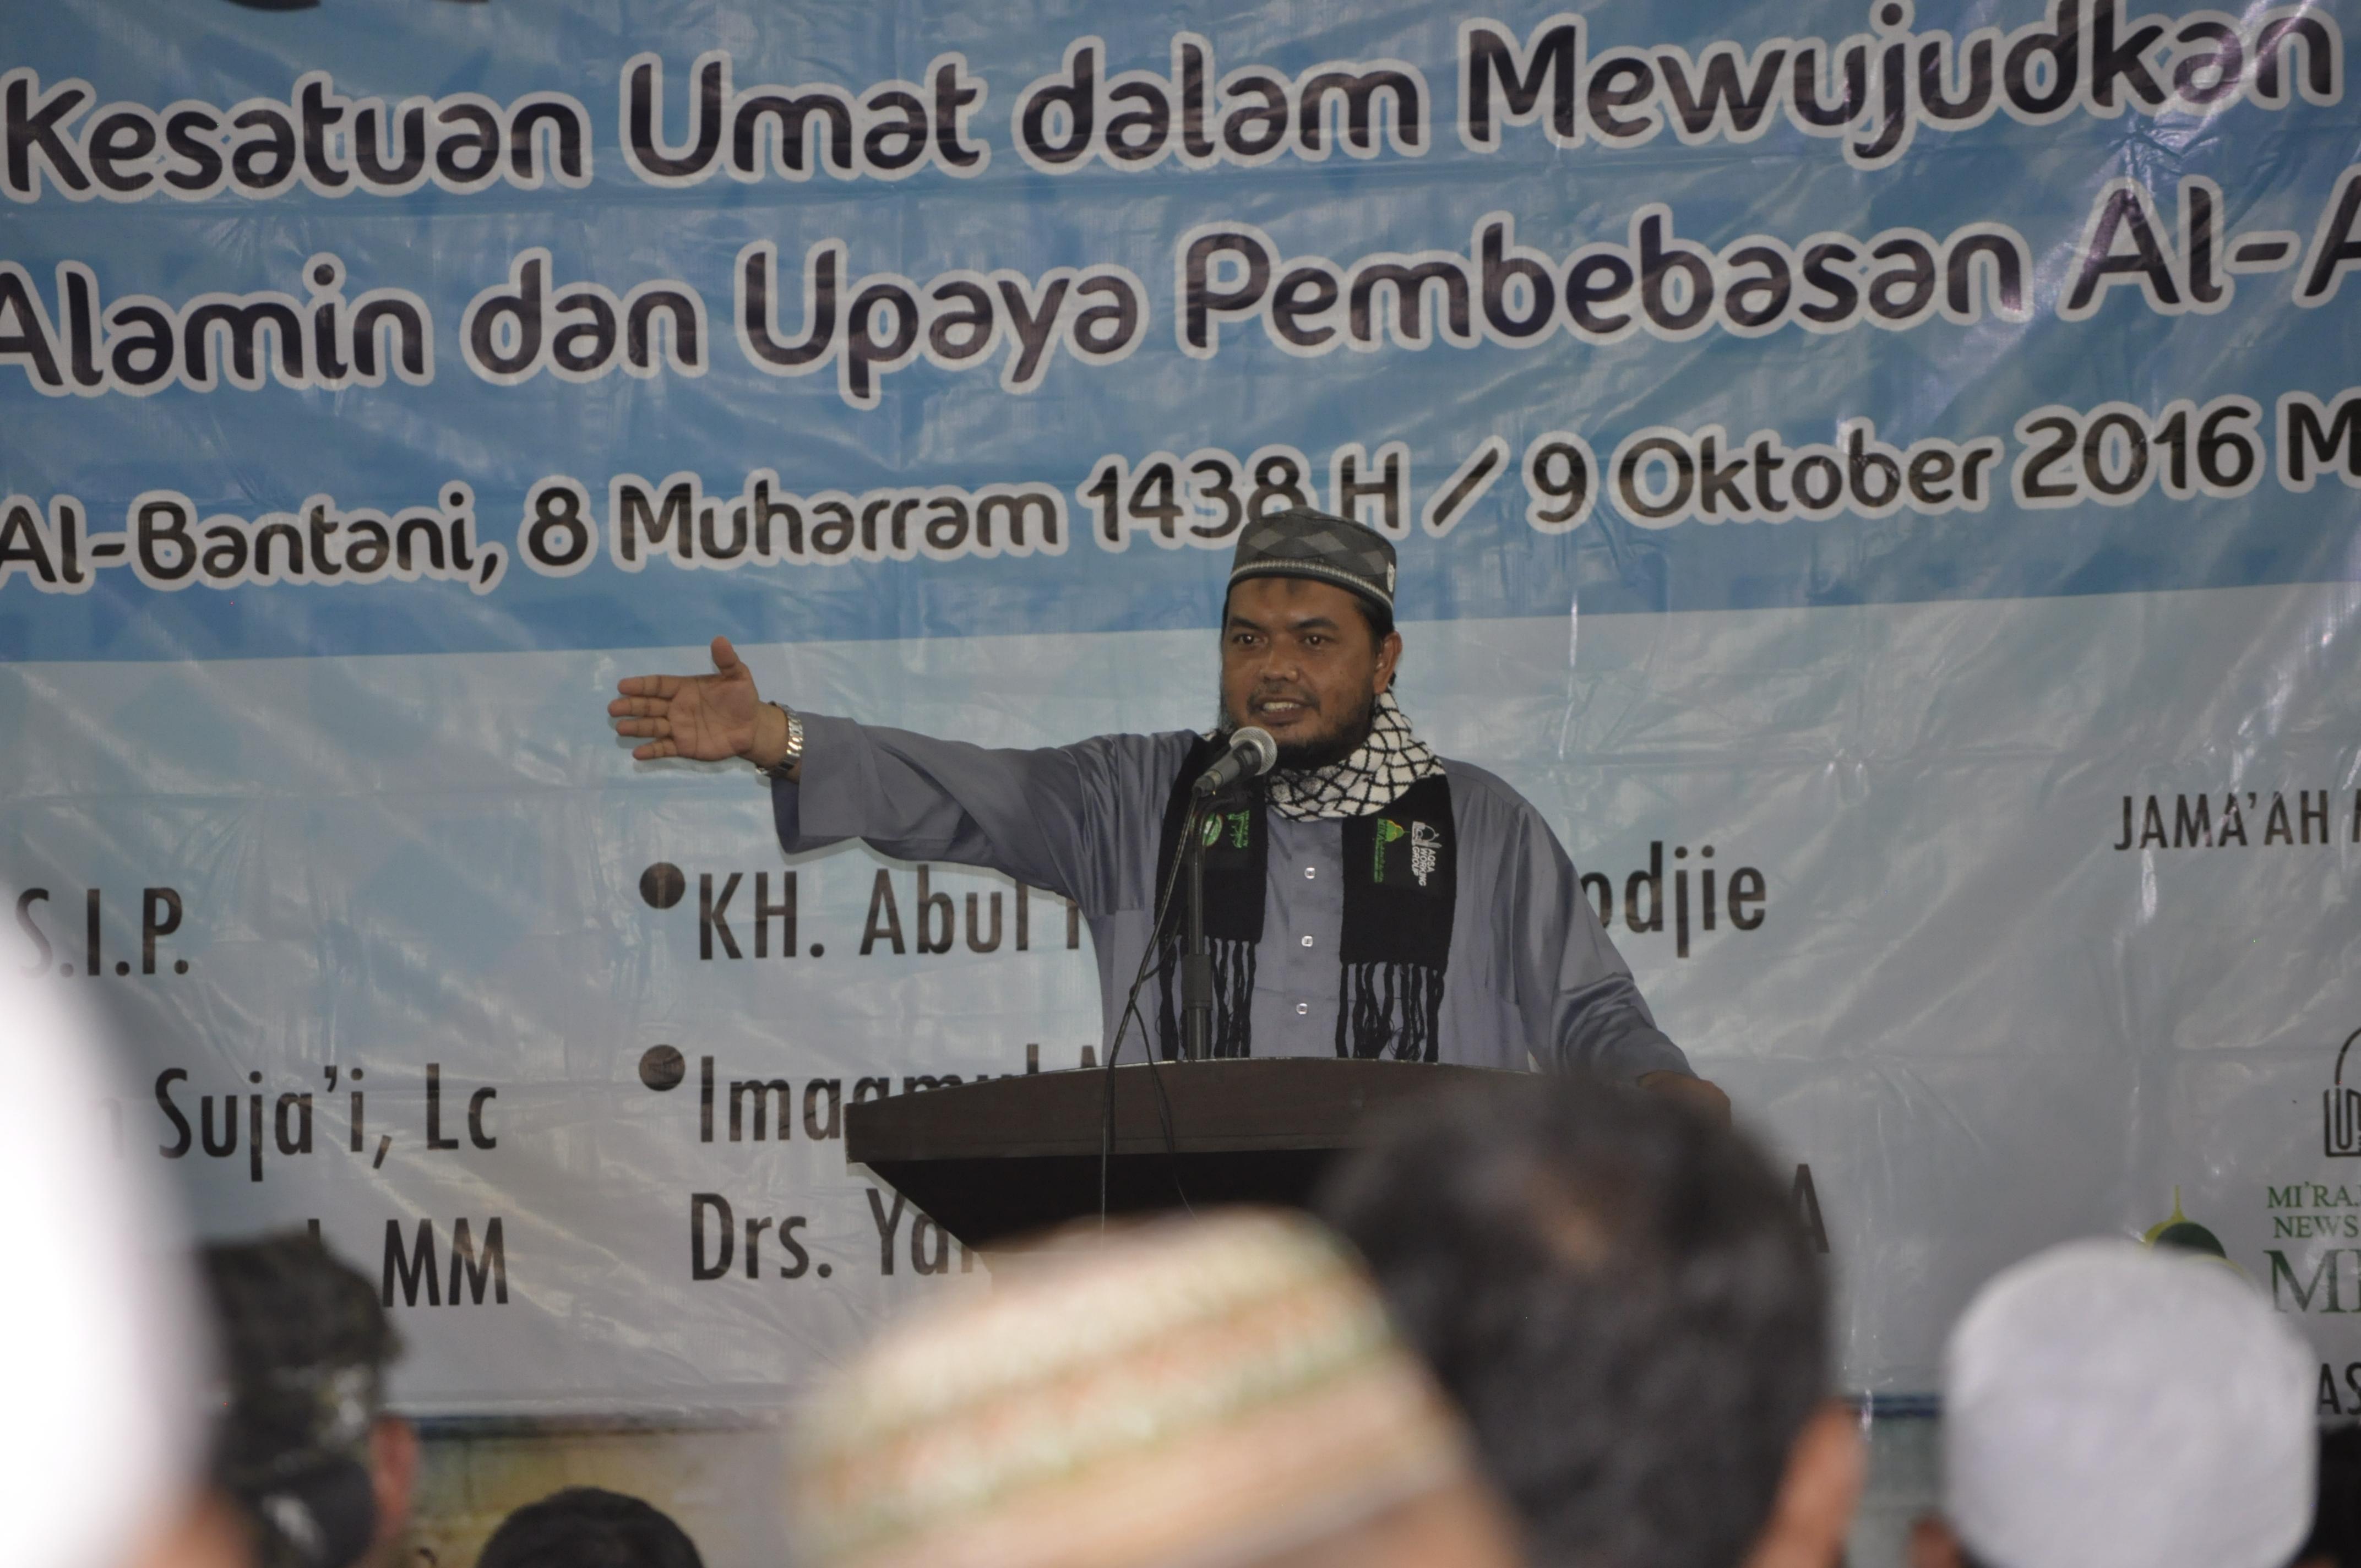 Wahyudi KS: Gapai Rahmat Allah Dengan Keimanan untuk Kebebasan Al-Aqsha